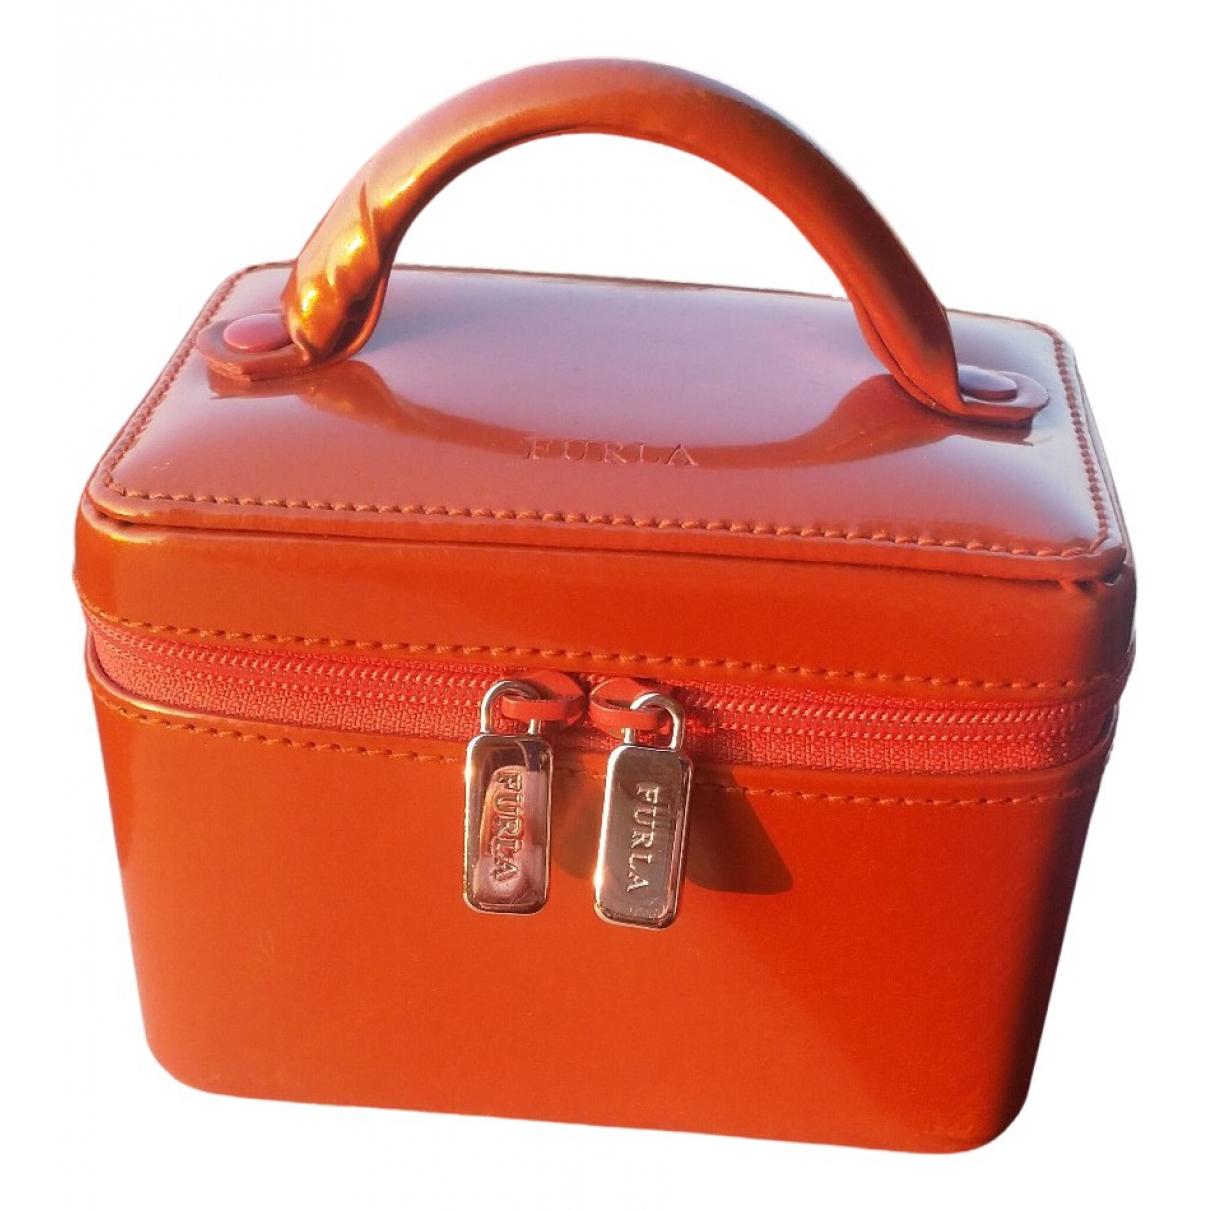 Furla - Petite maroquinerie   pour femme en cuir - orange